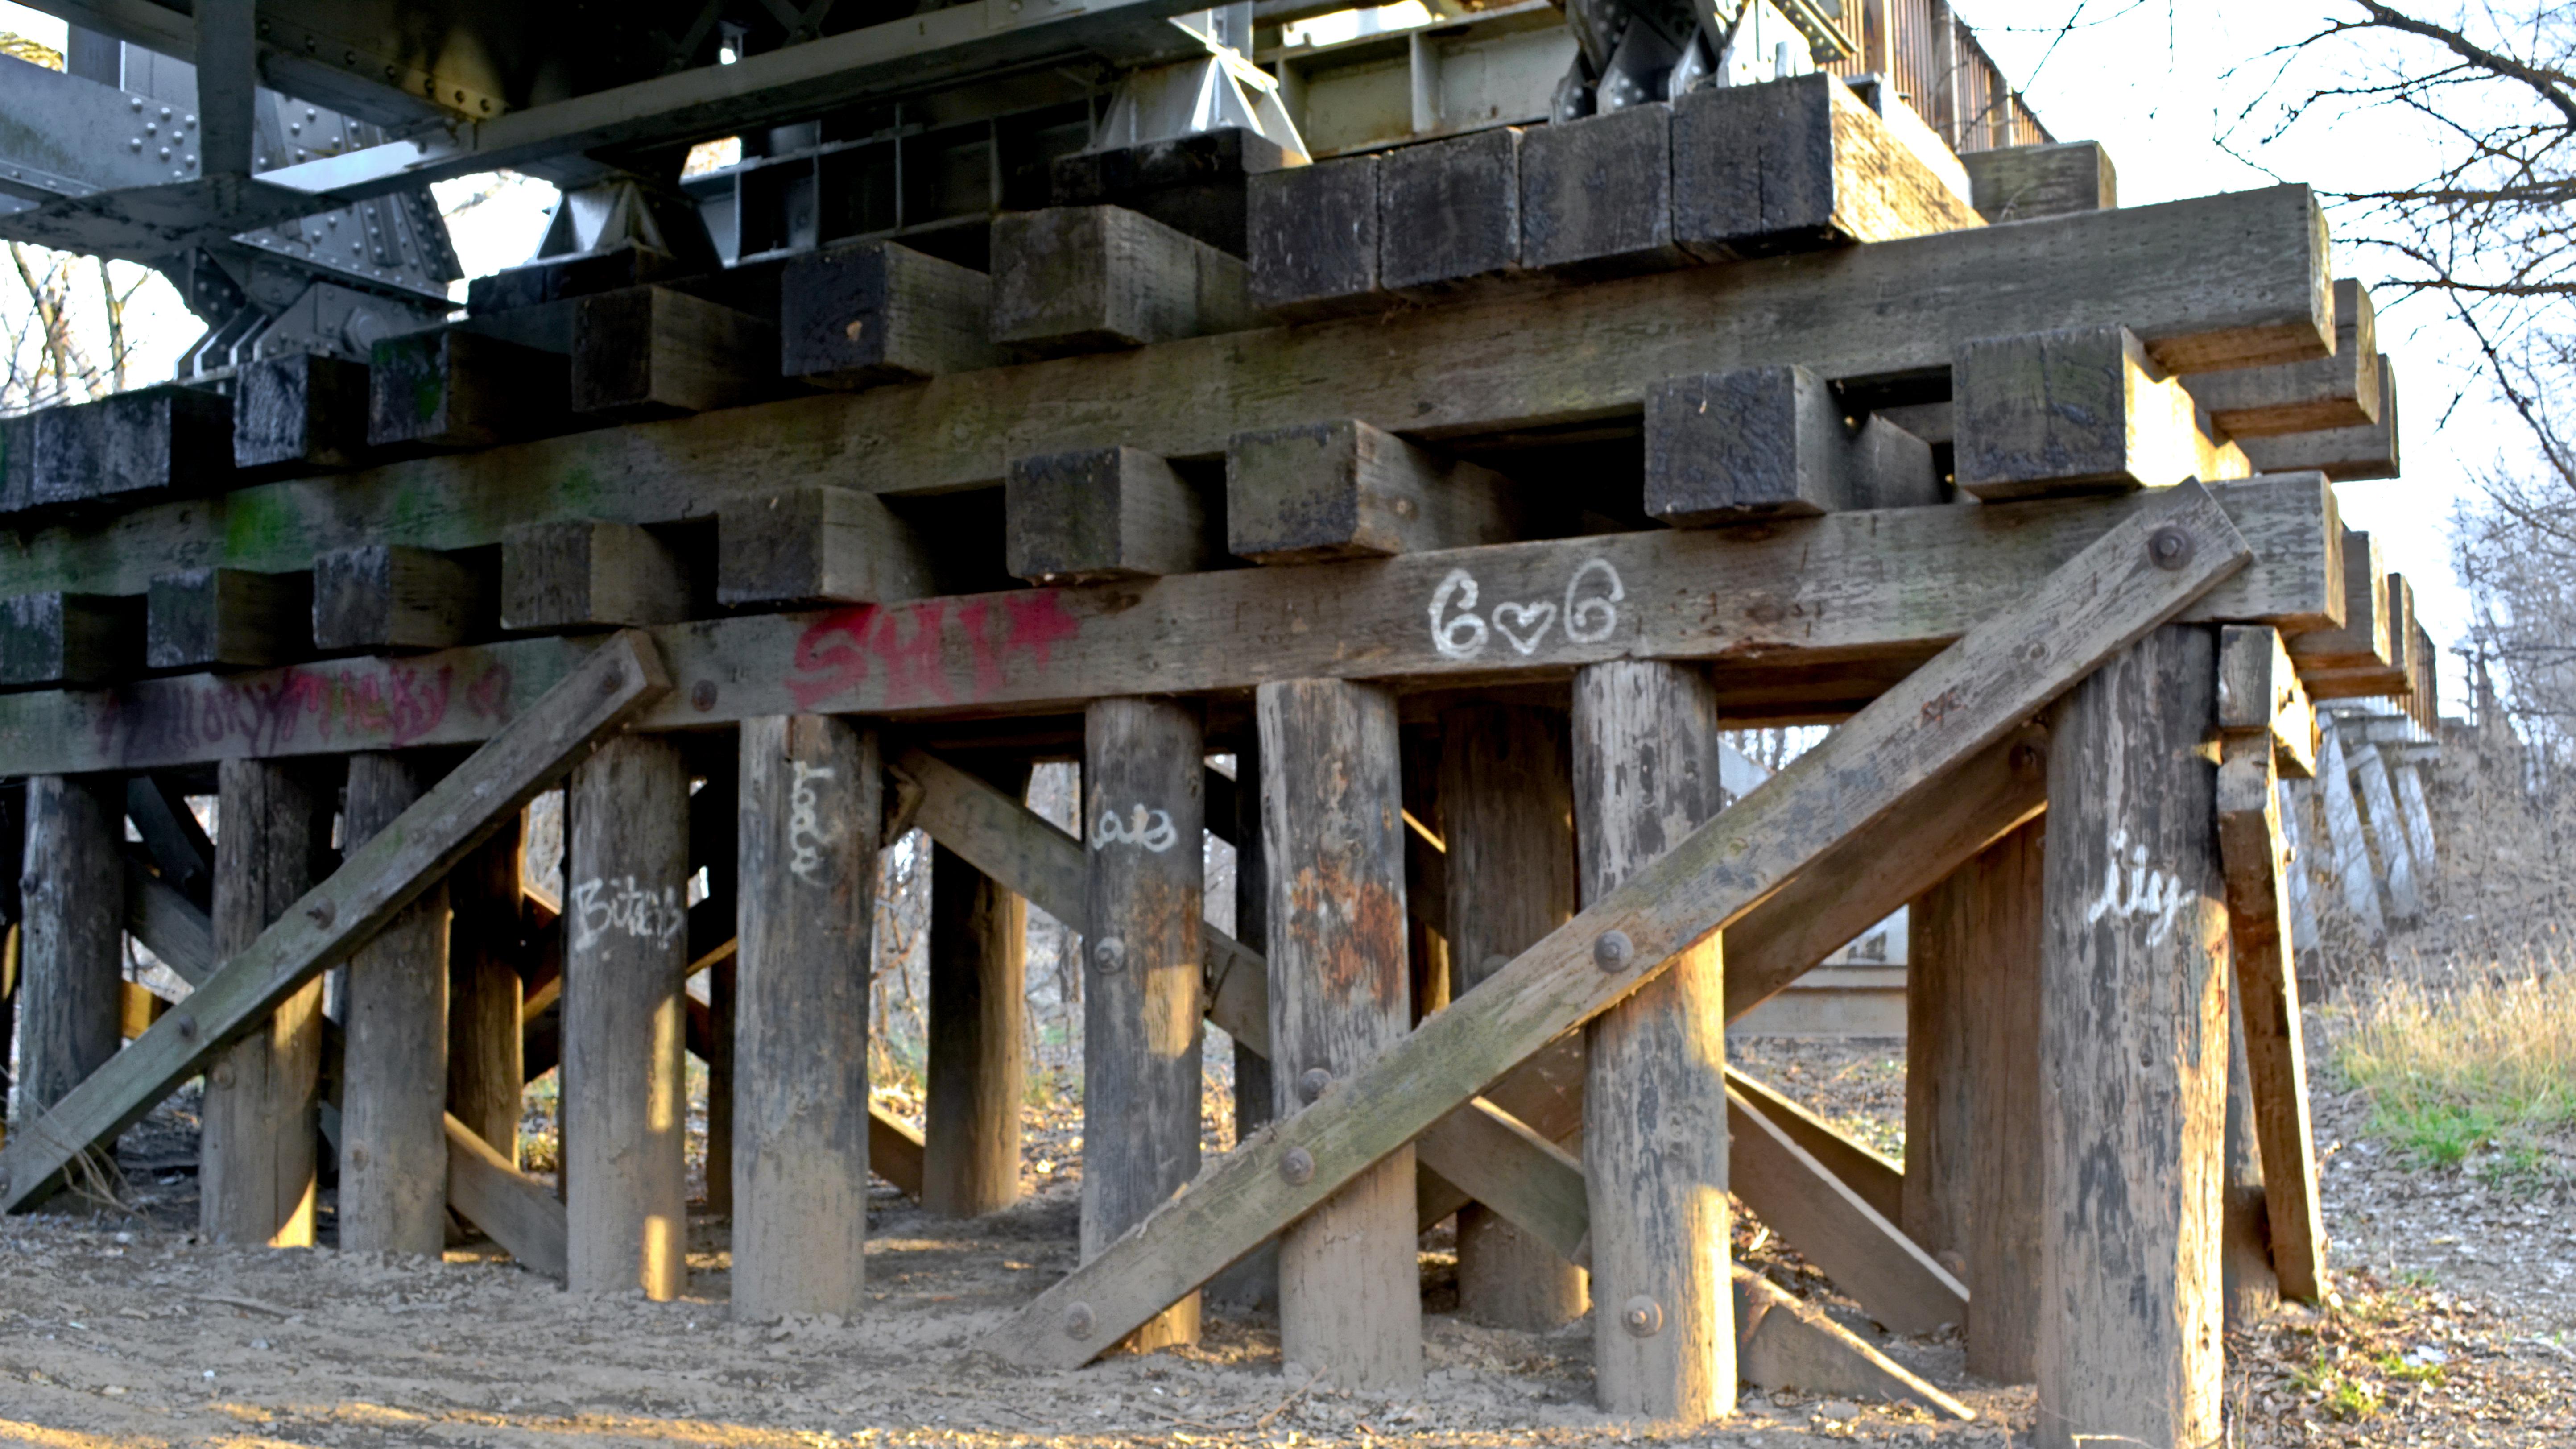 bridge pilings sun kissed